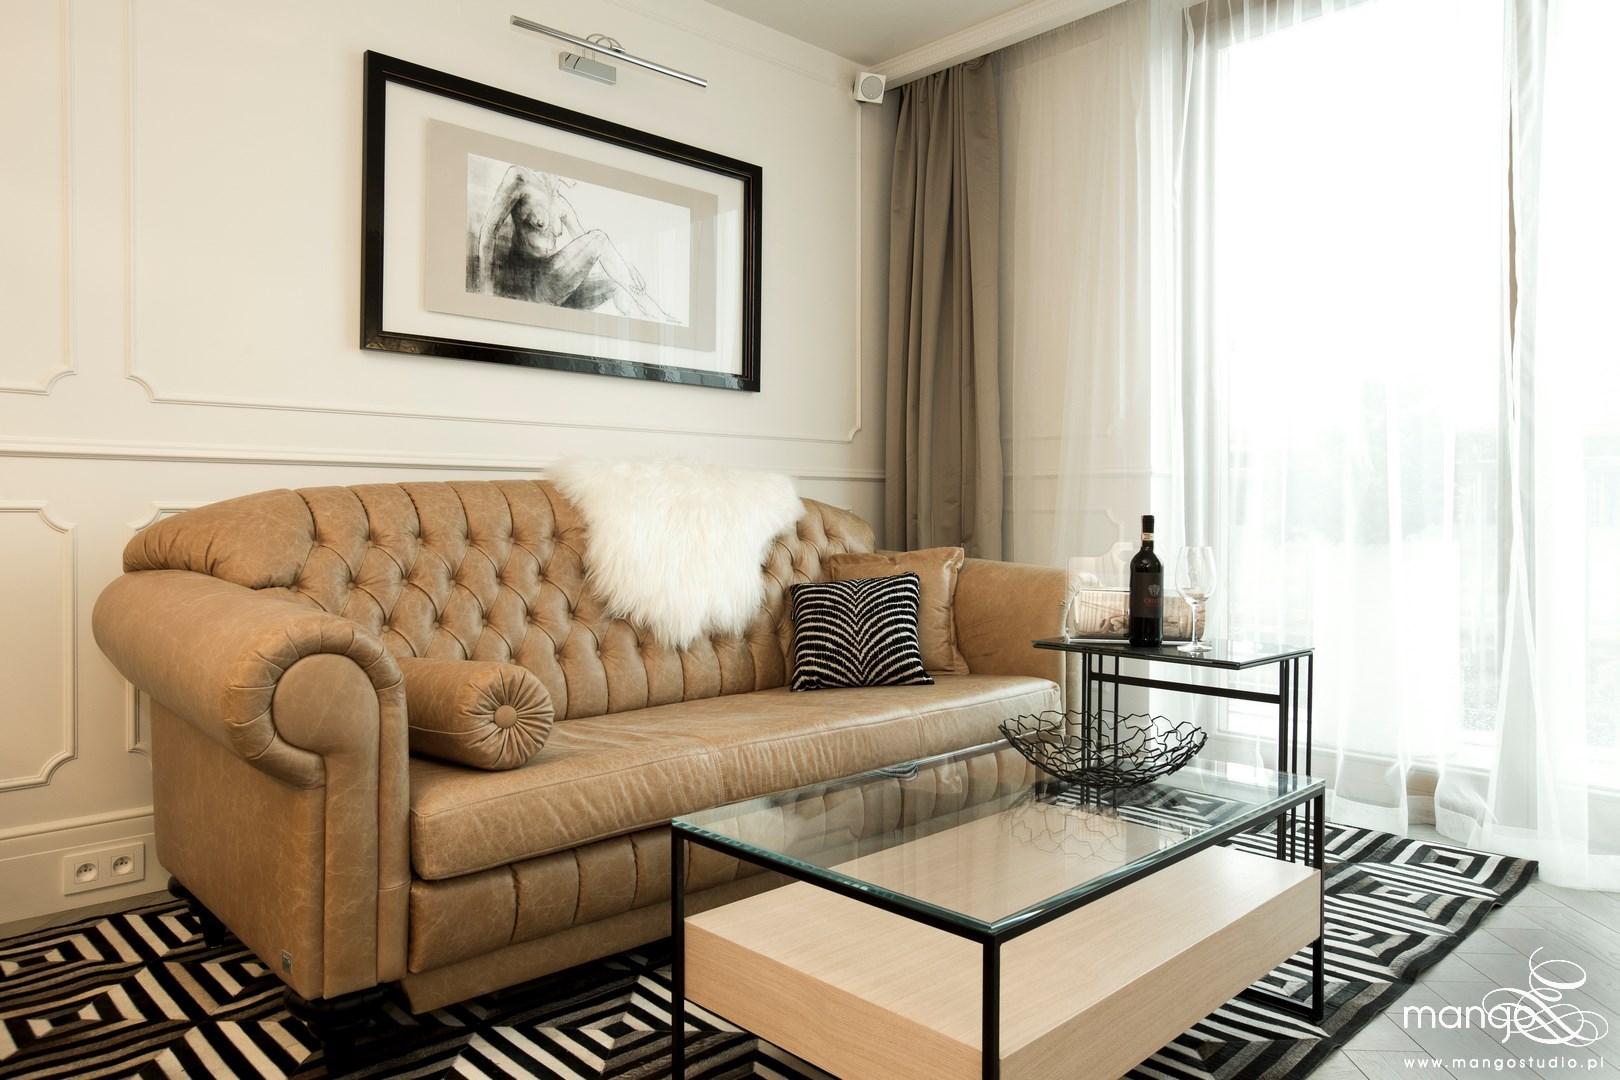 Mango Studio projektowanie wnętrz pod klucz Salon Klasyczny Apartament BiG fot Przemek Kuciński (11)